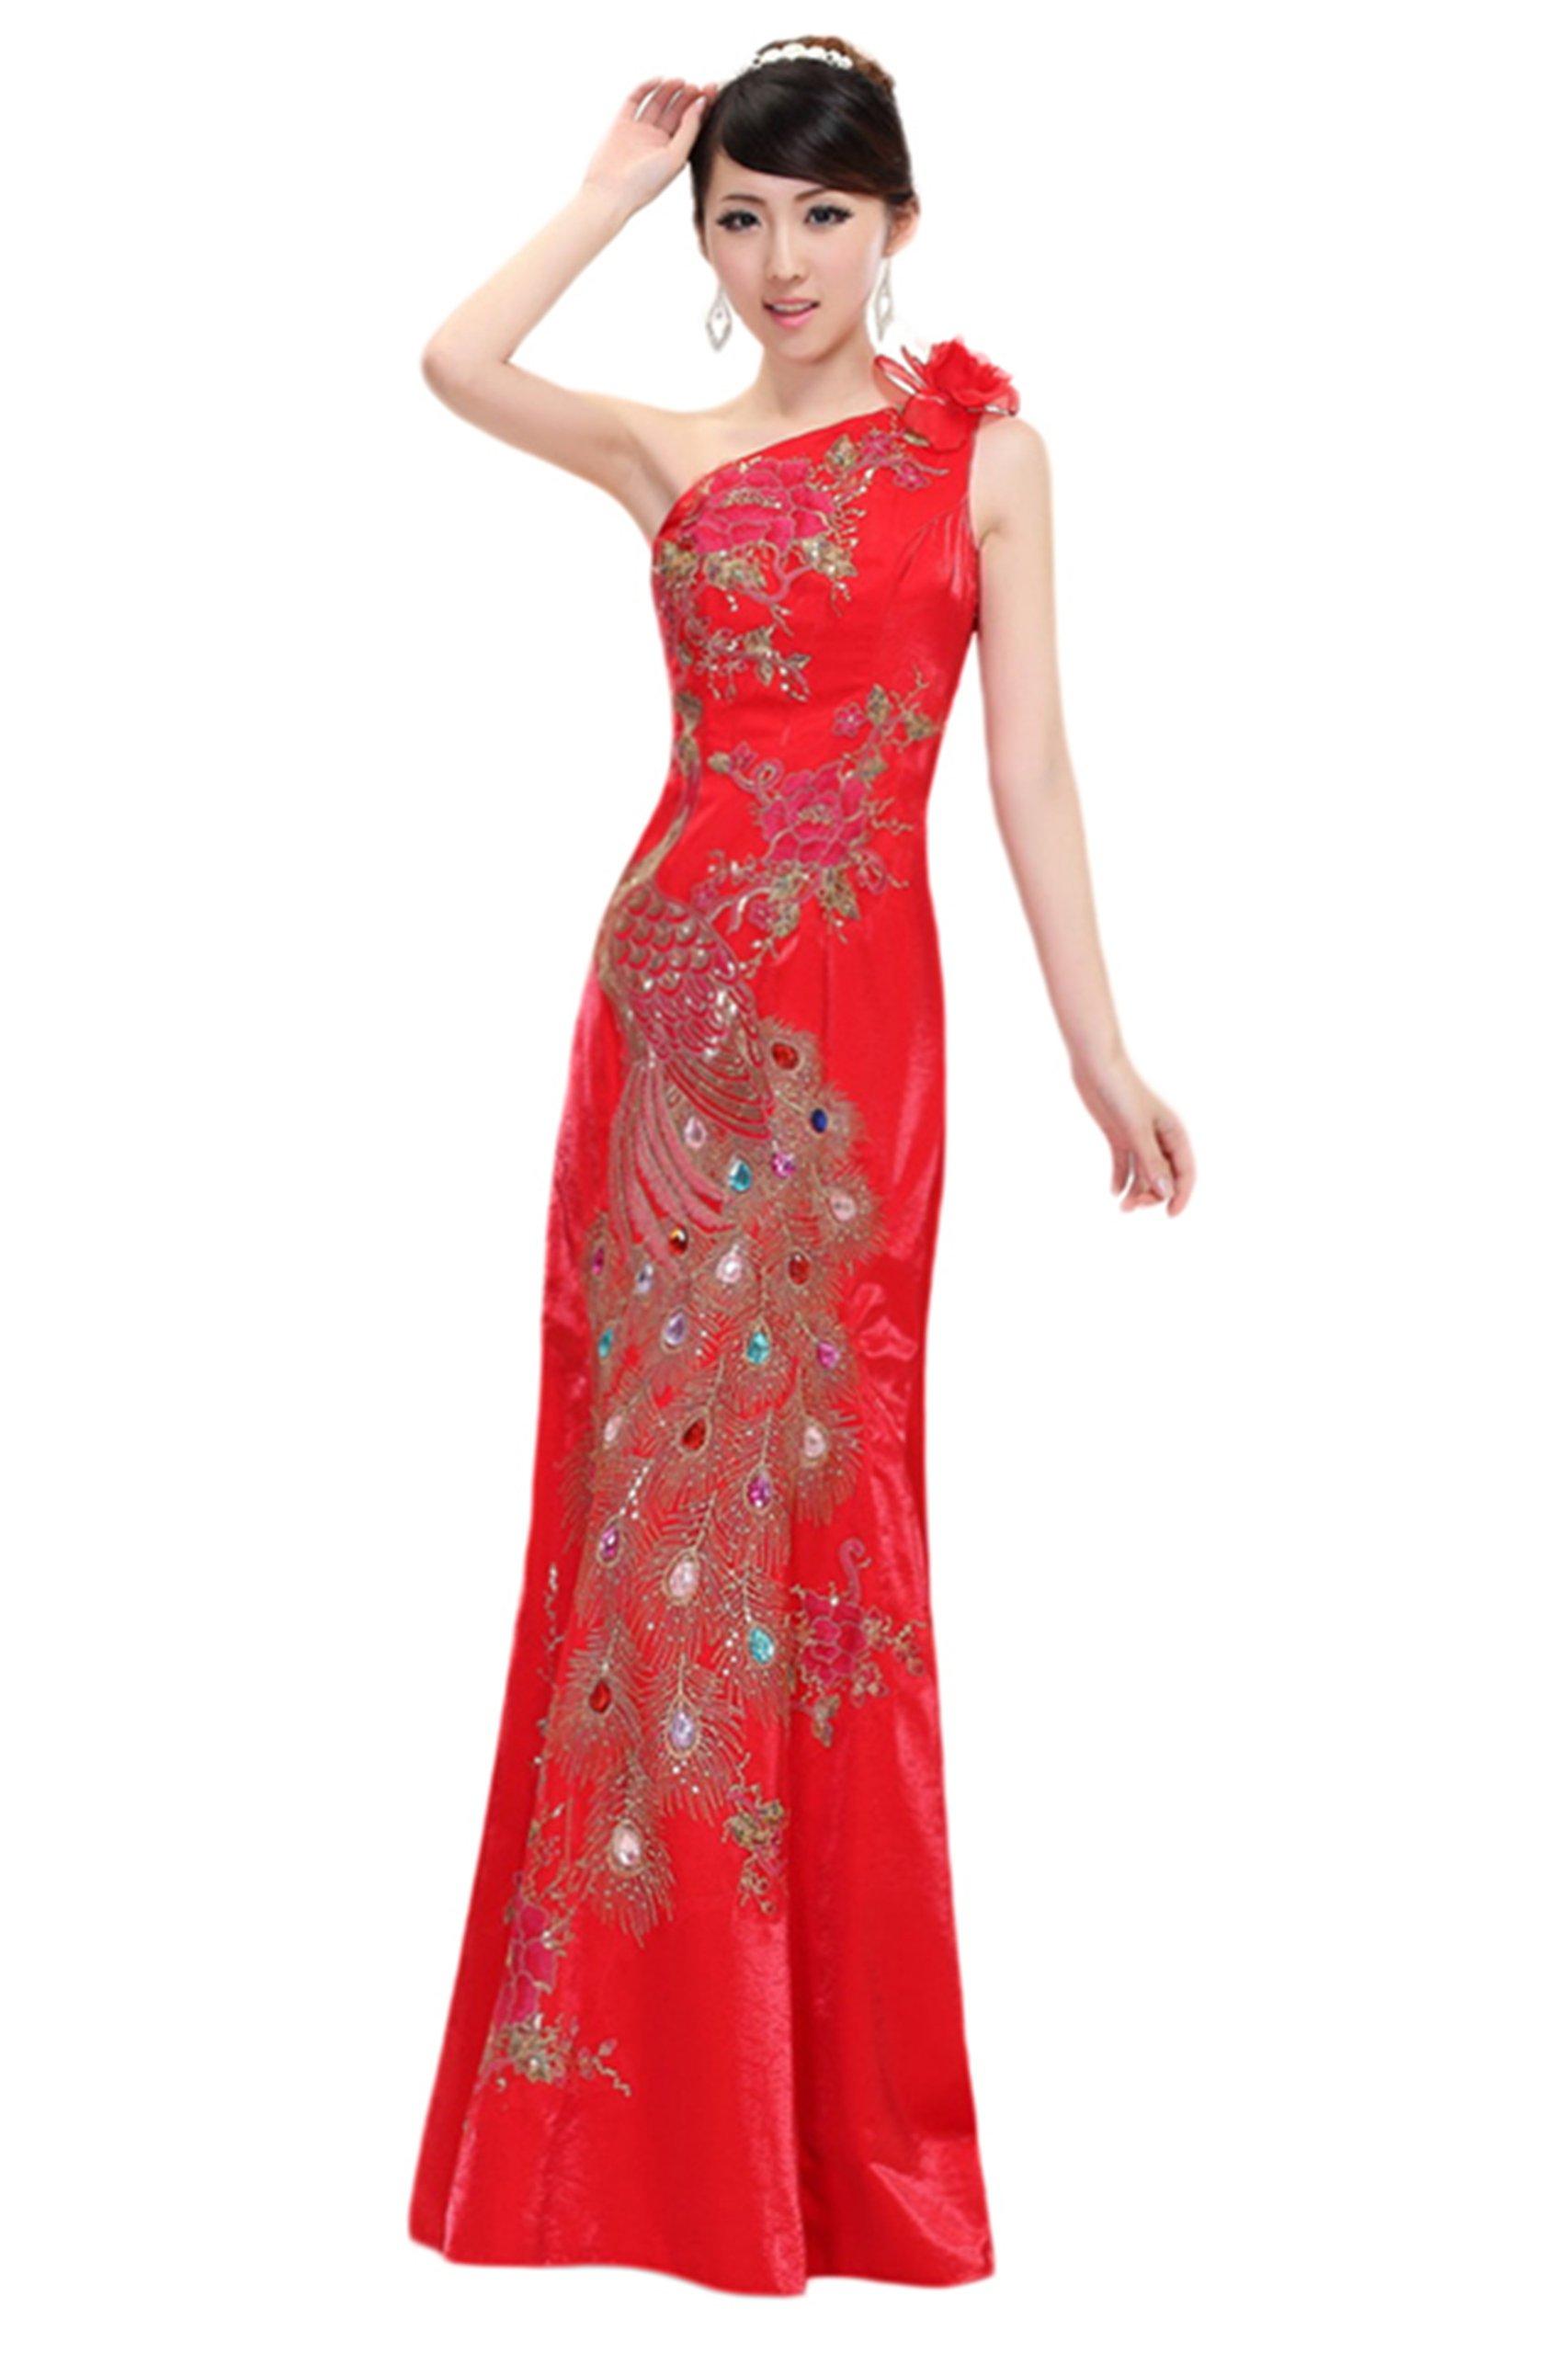 New women's fashion wedding dress - shoulder wedding toast cheongsam (XL)